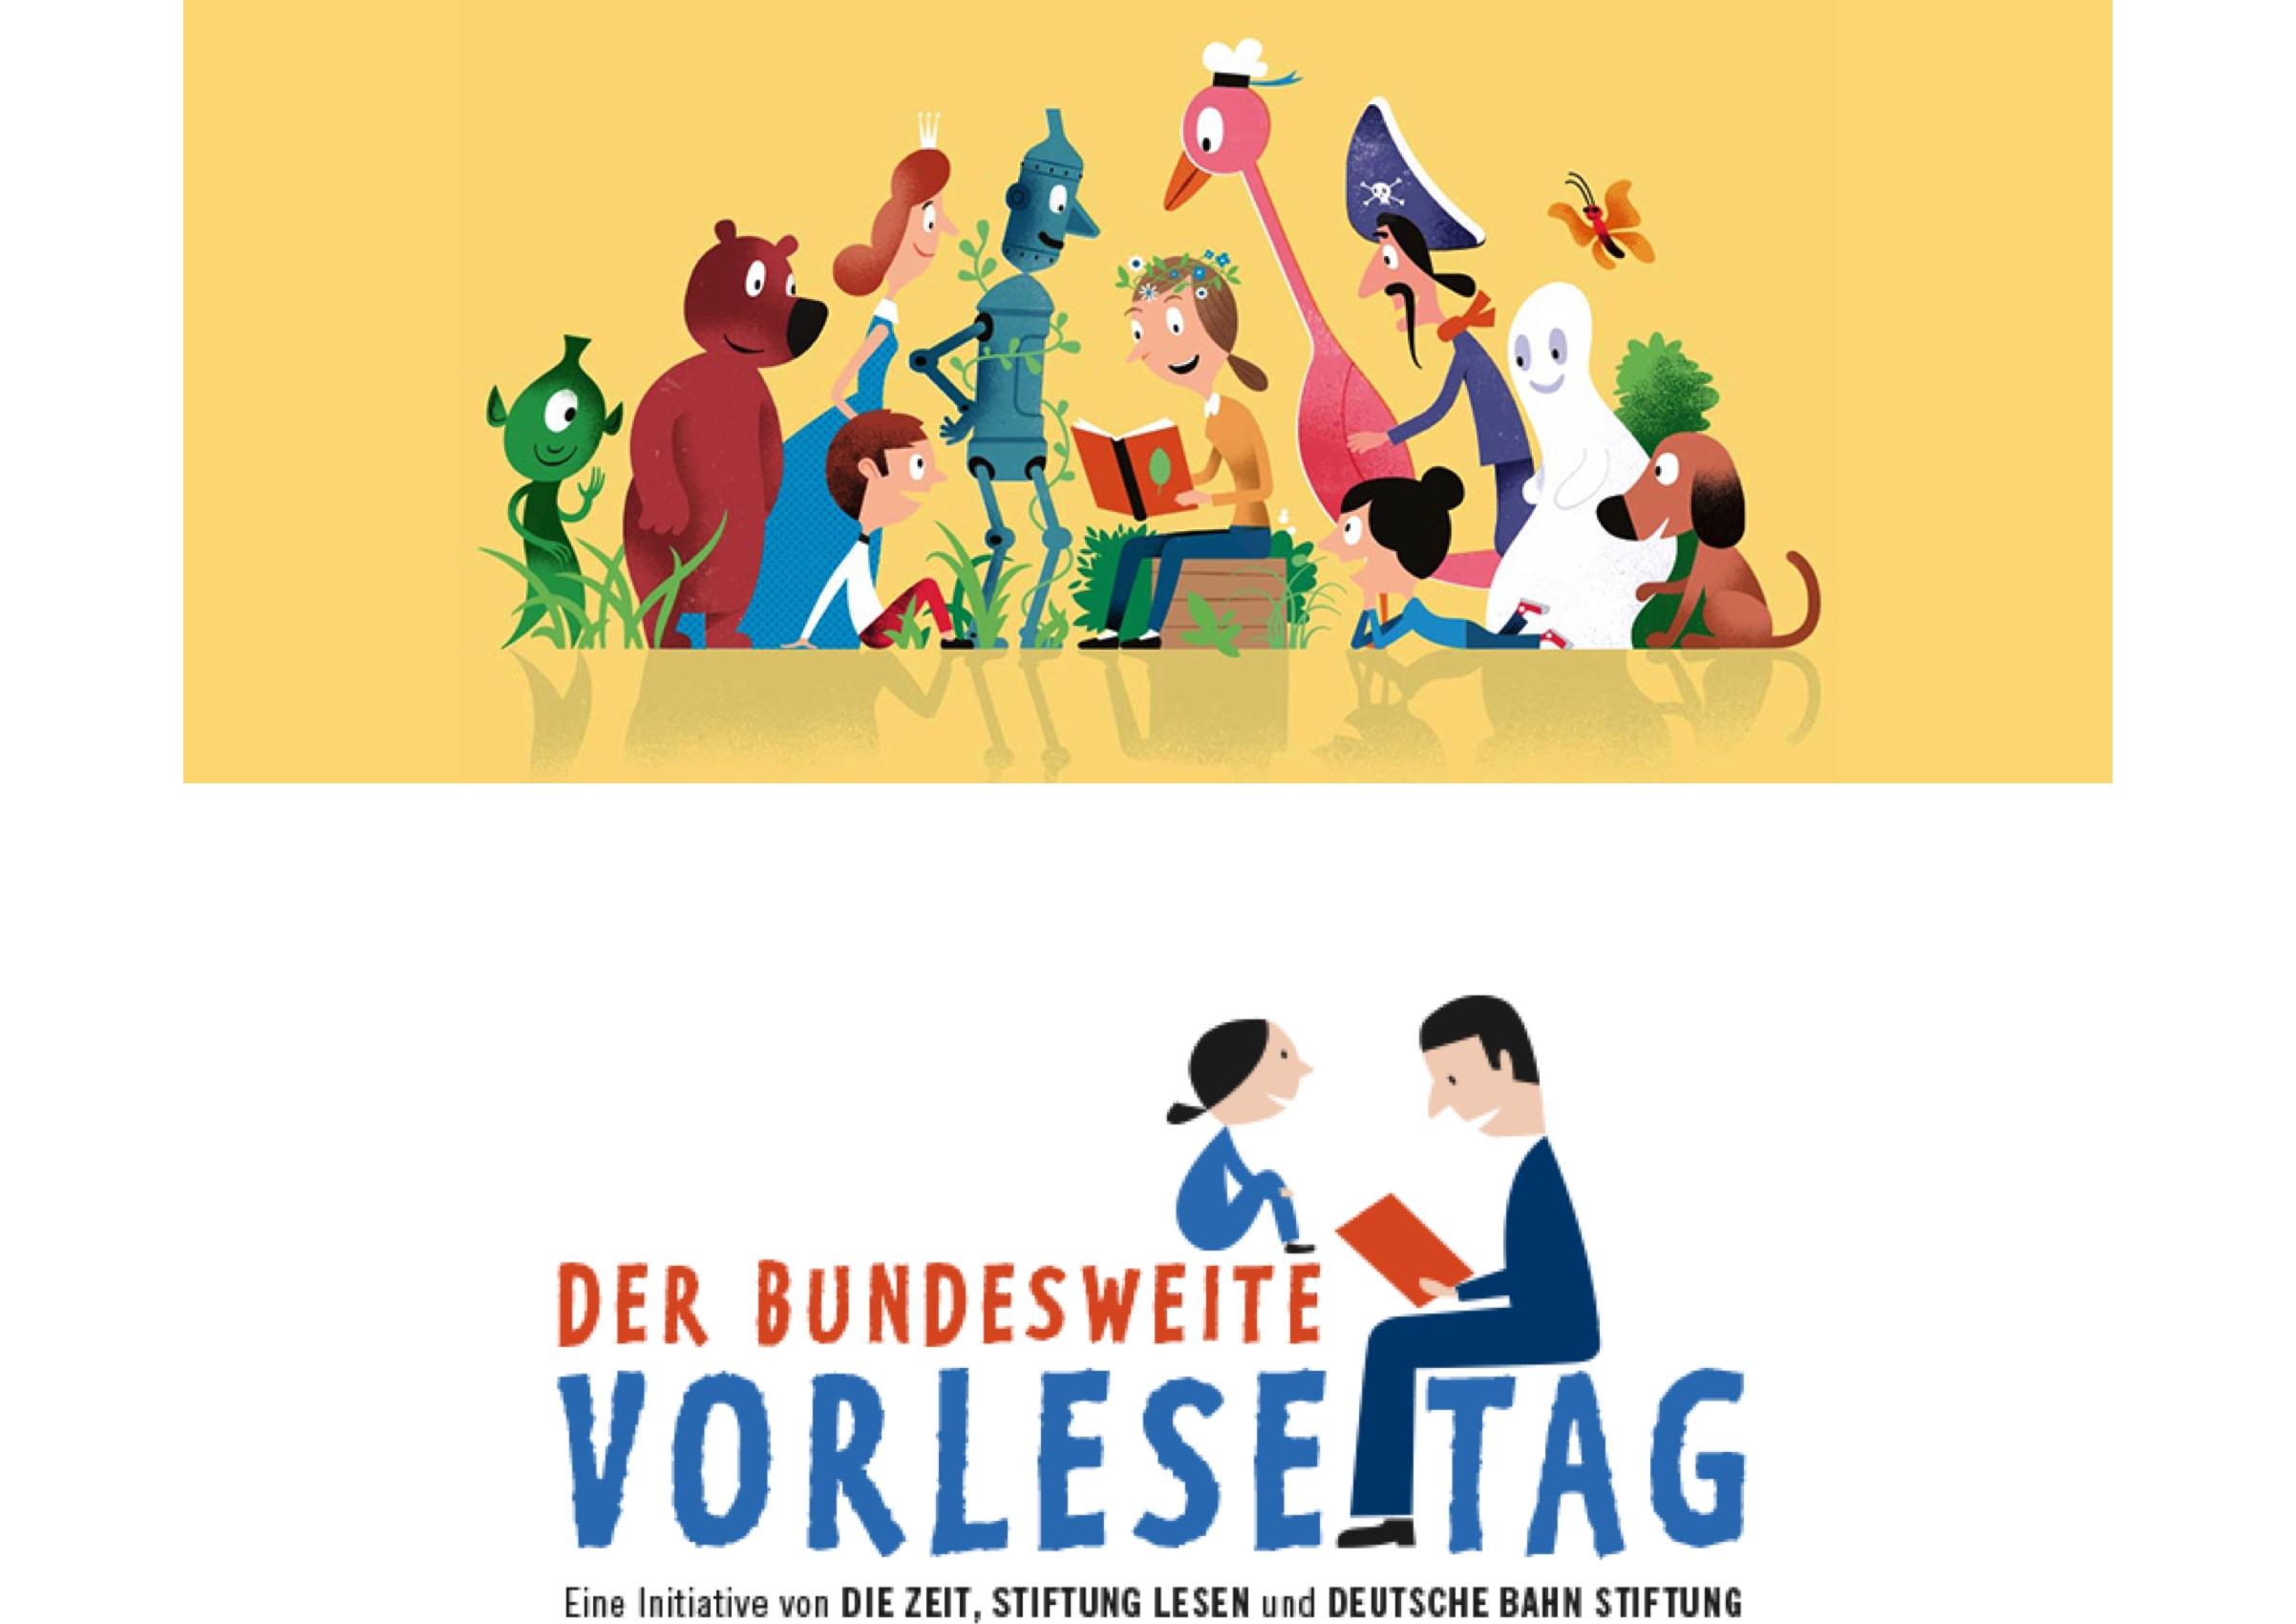 images/Inhalte_2018_19/Bundesweiter_Vorlesetag.jpg